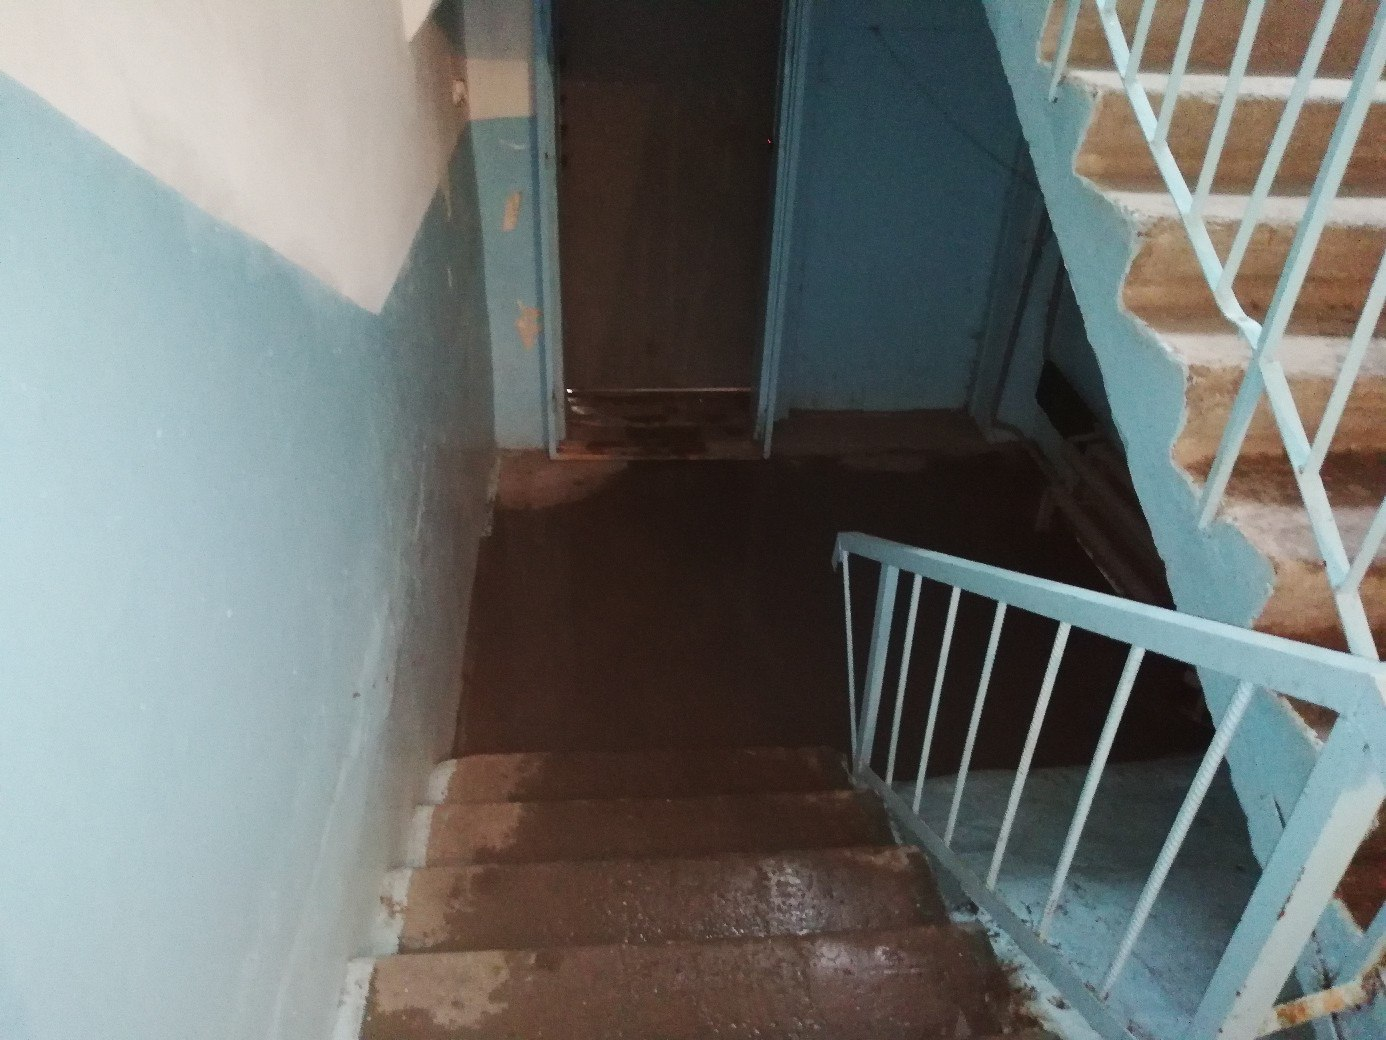 Из-за дождя в подъезде курганской многоэтажки случился потоп